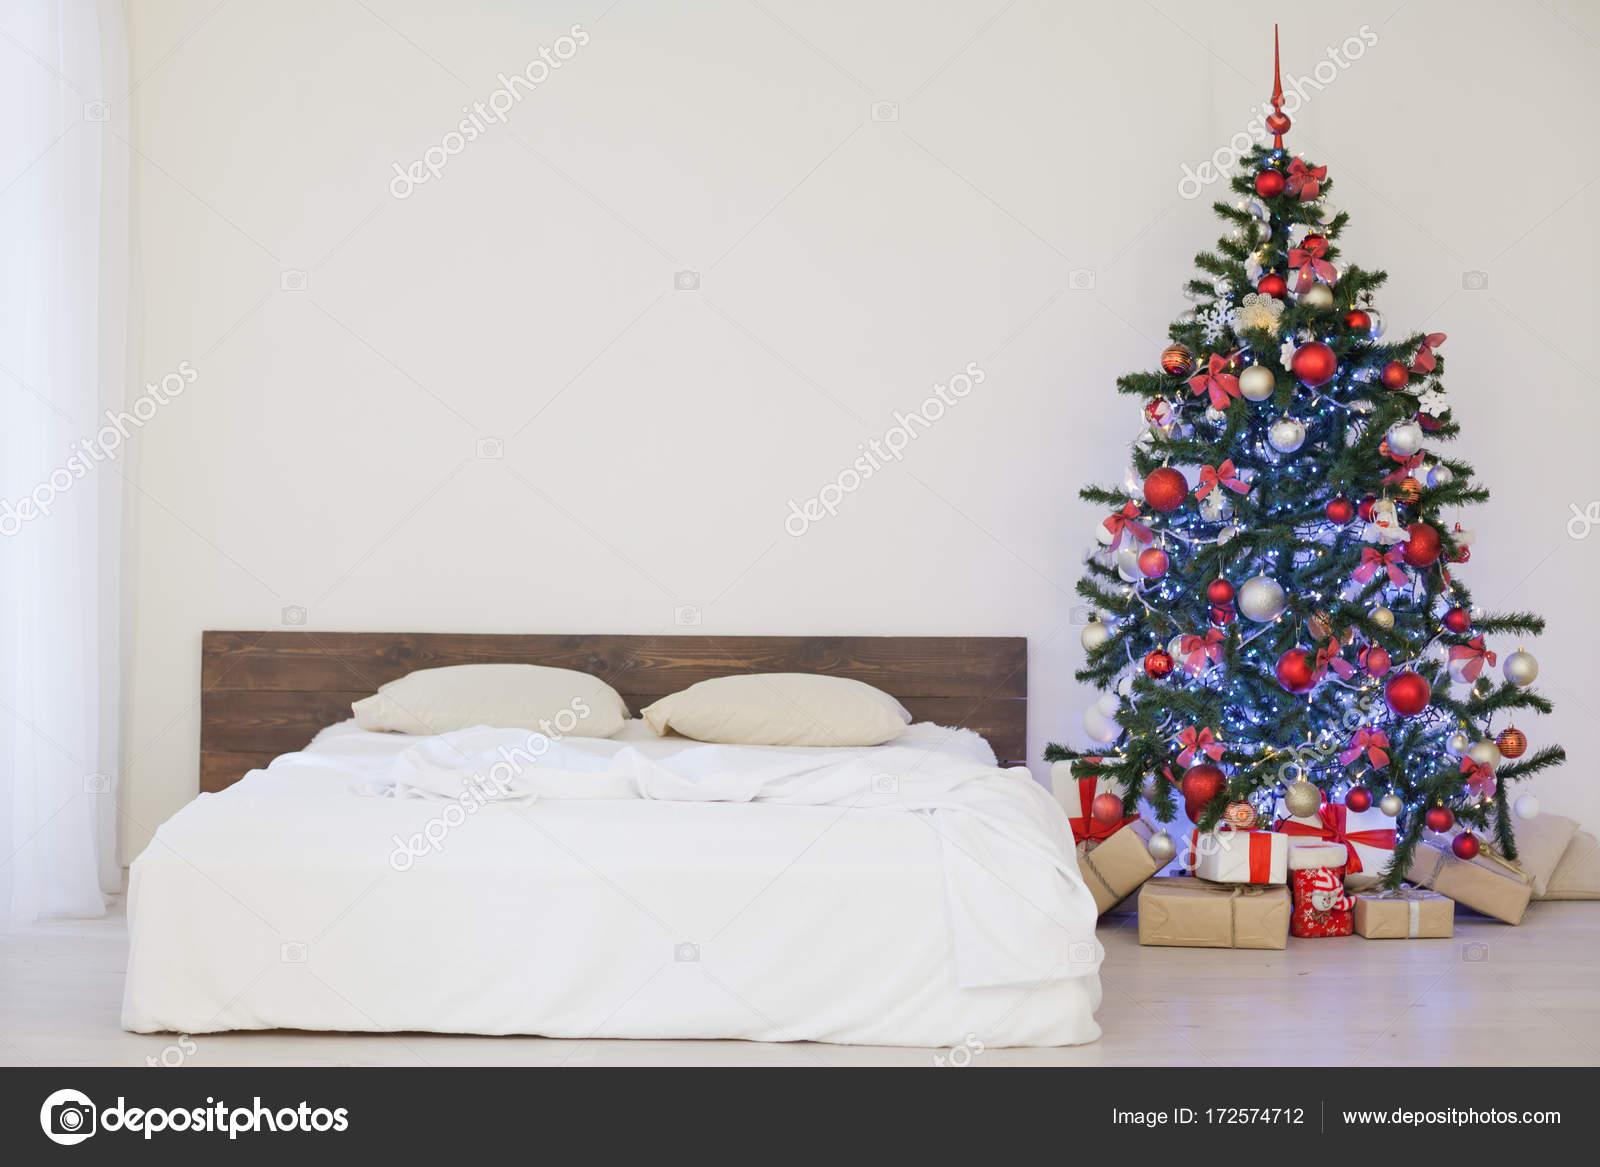 Camera da letto arredamento bianco con i regali di Natale albero di ...